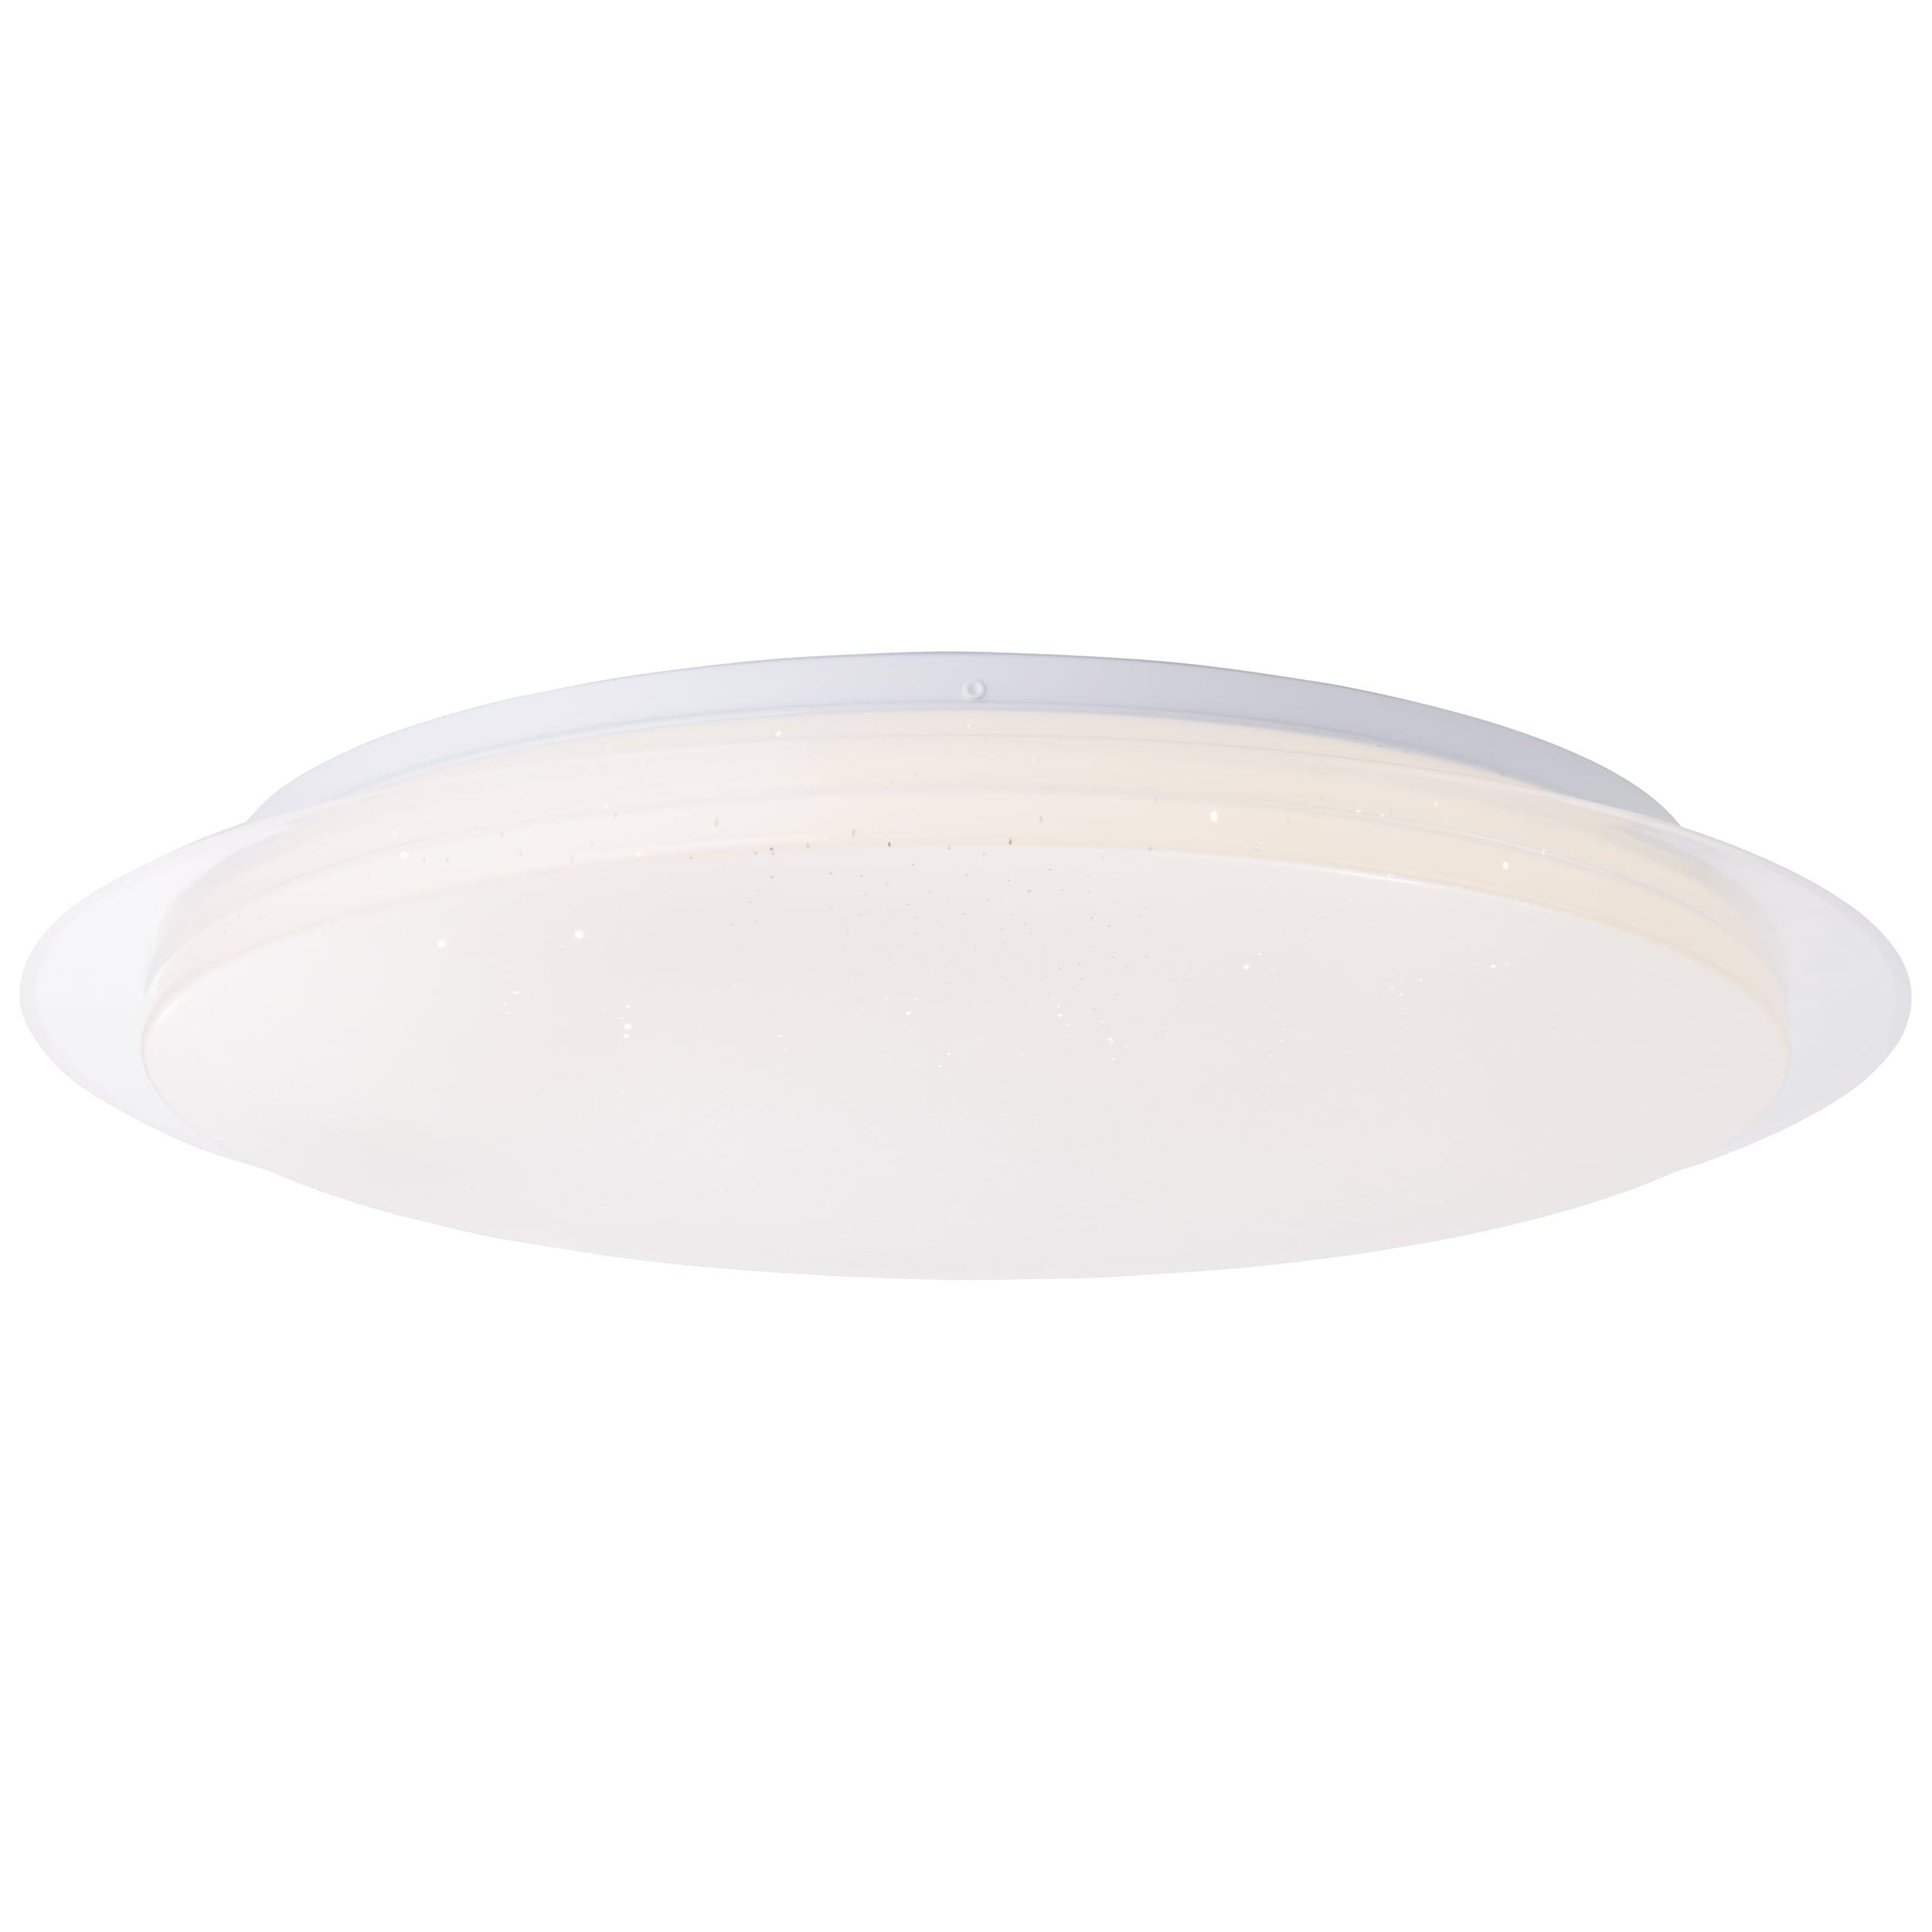 BreLight Vittoria LED Wand- und Deckenleuchte 57cm weiß